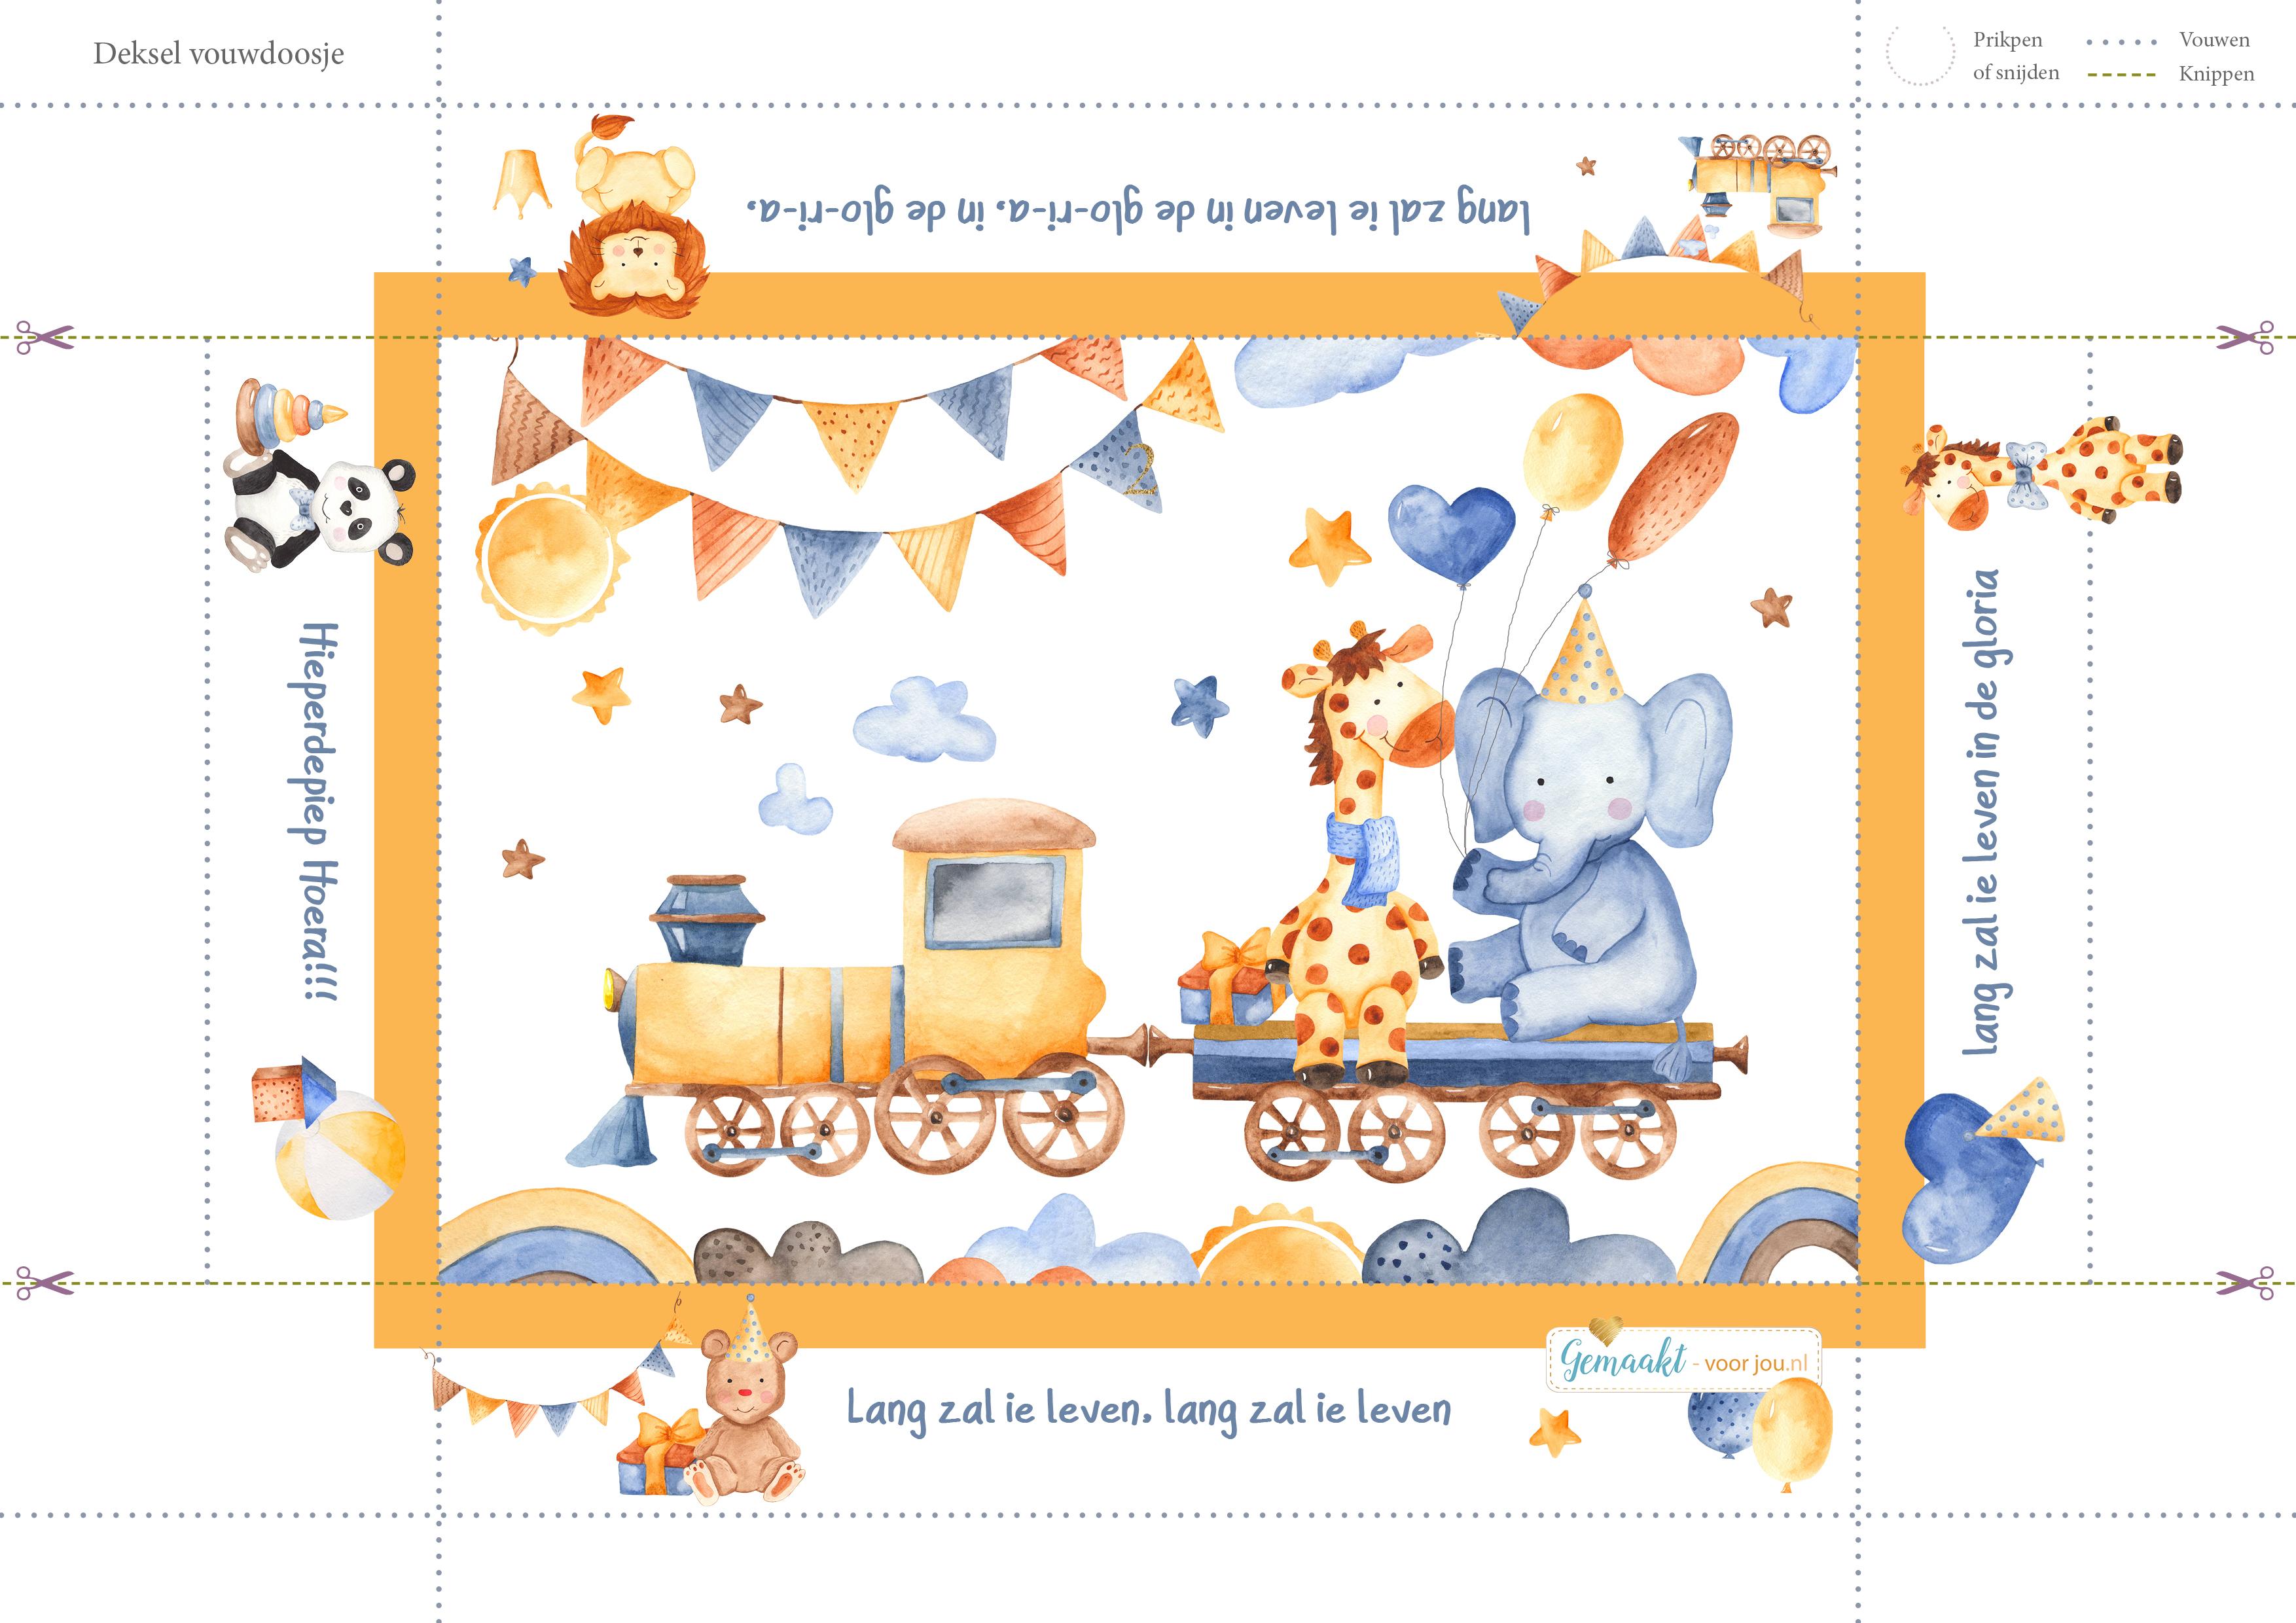 Dessin verjaardag Bovenkant doosje kind